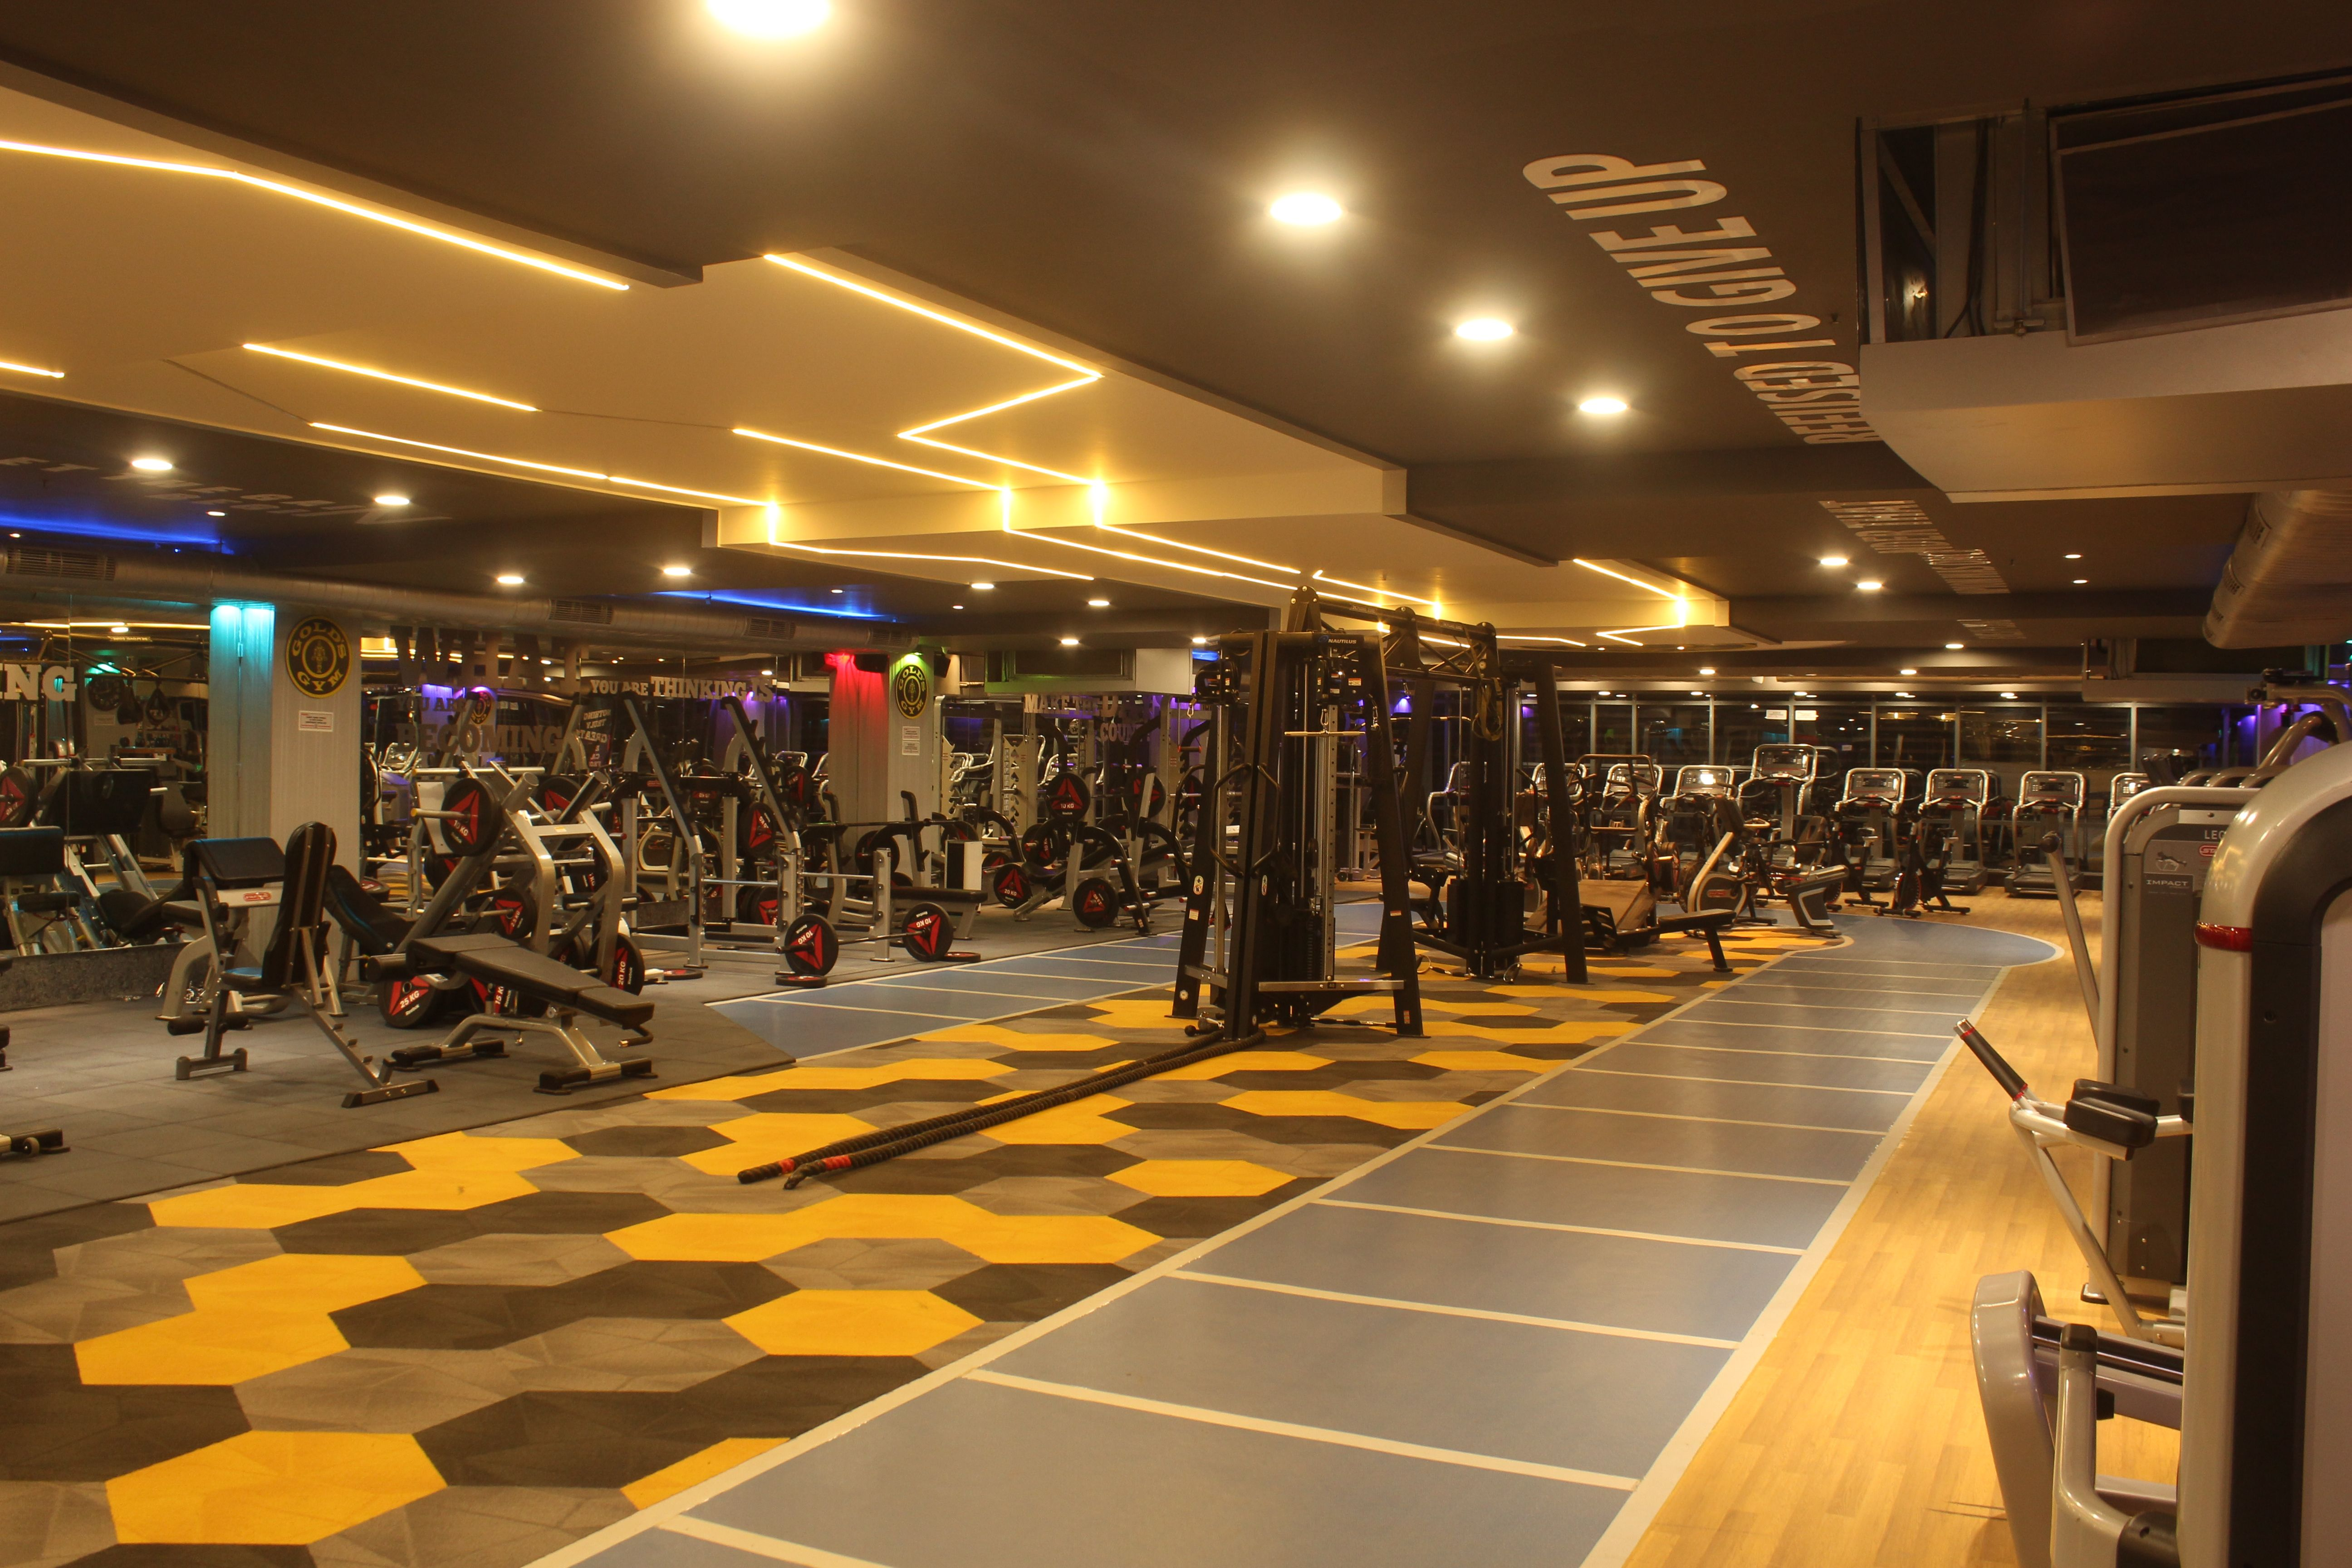 Workout at premier fitness center golds gym banjara hills